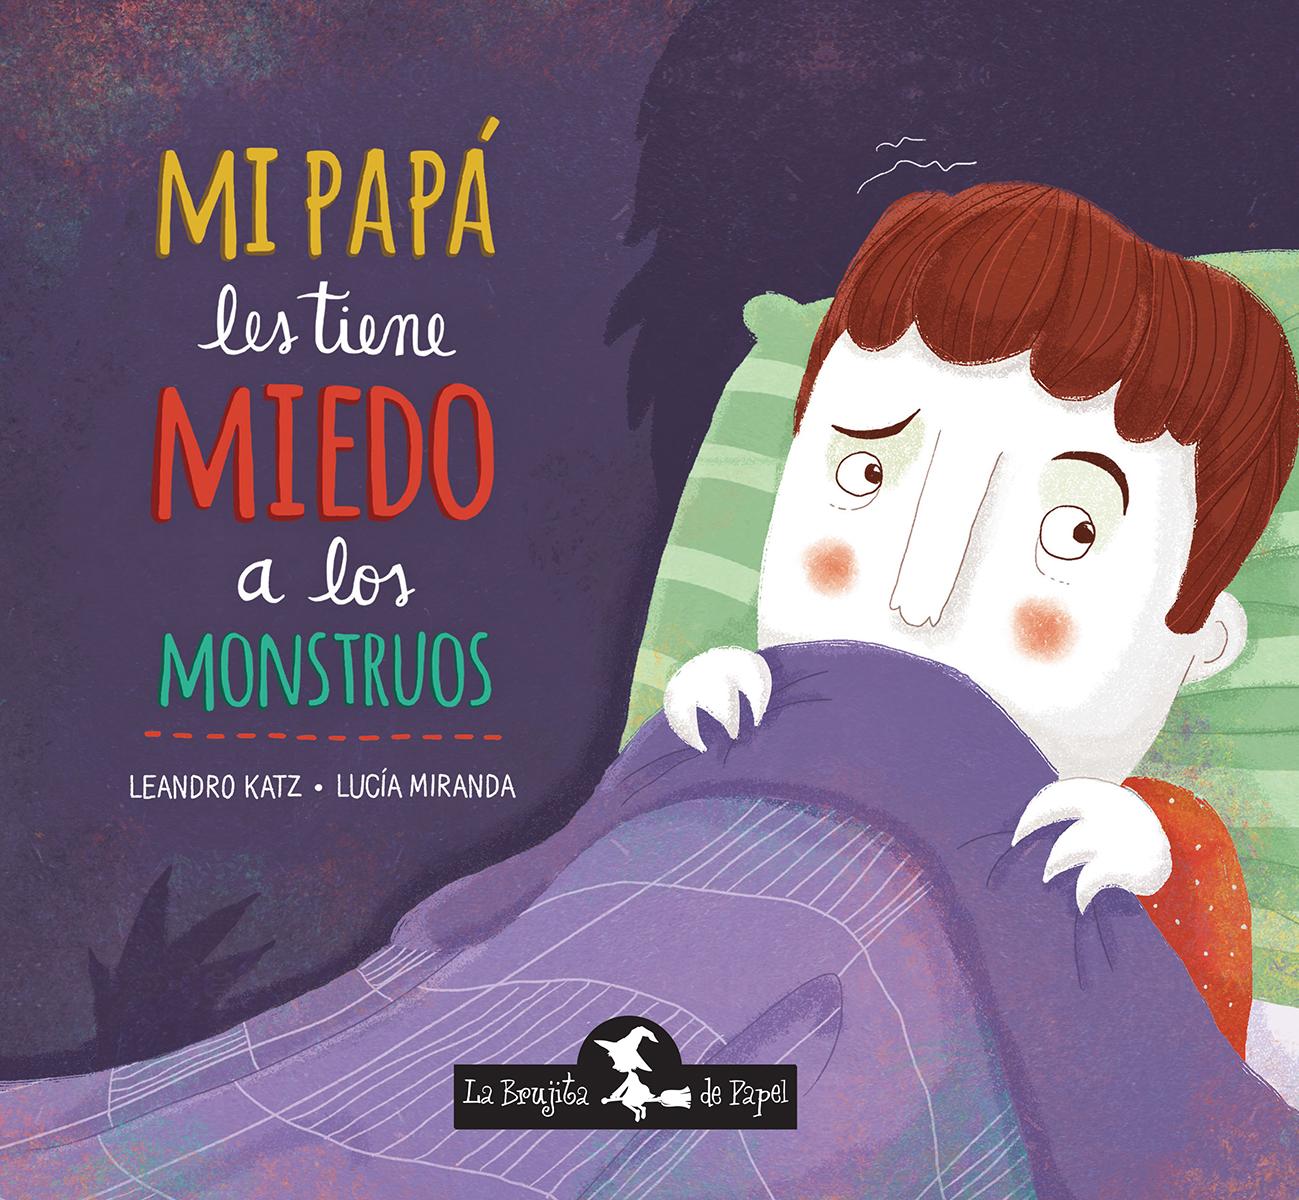 Mi papá les tiene miedo a los monstruos - Leandro Katz